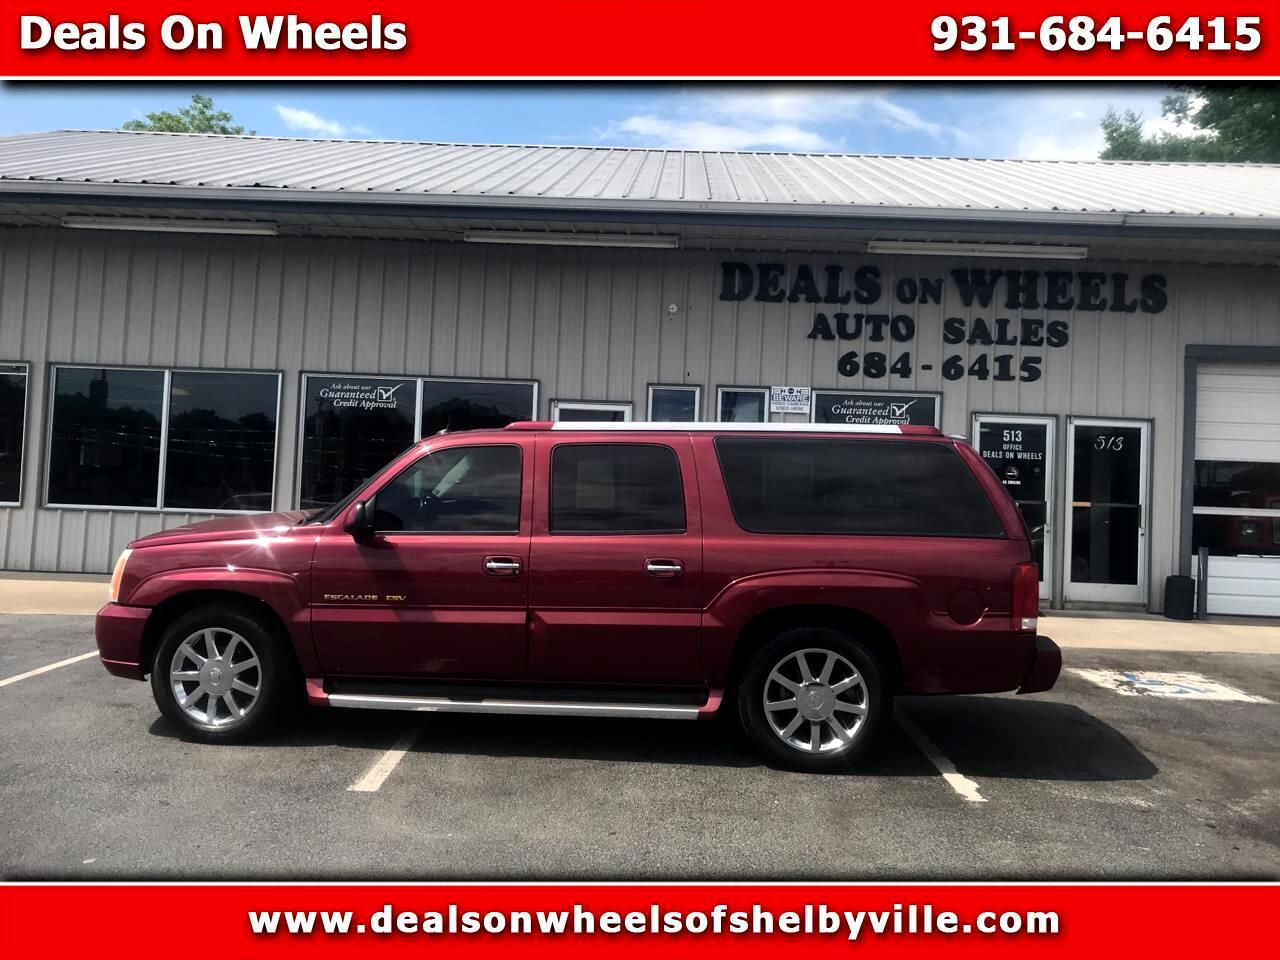 Cadillac Escalade ESV 4dr AWD Platinum Edition 2005